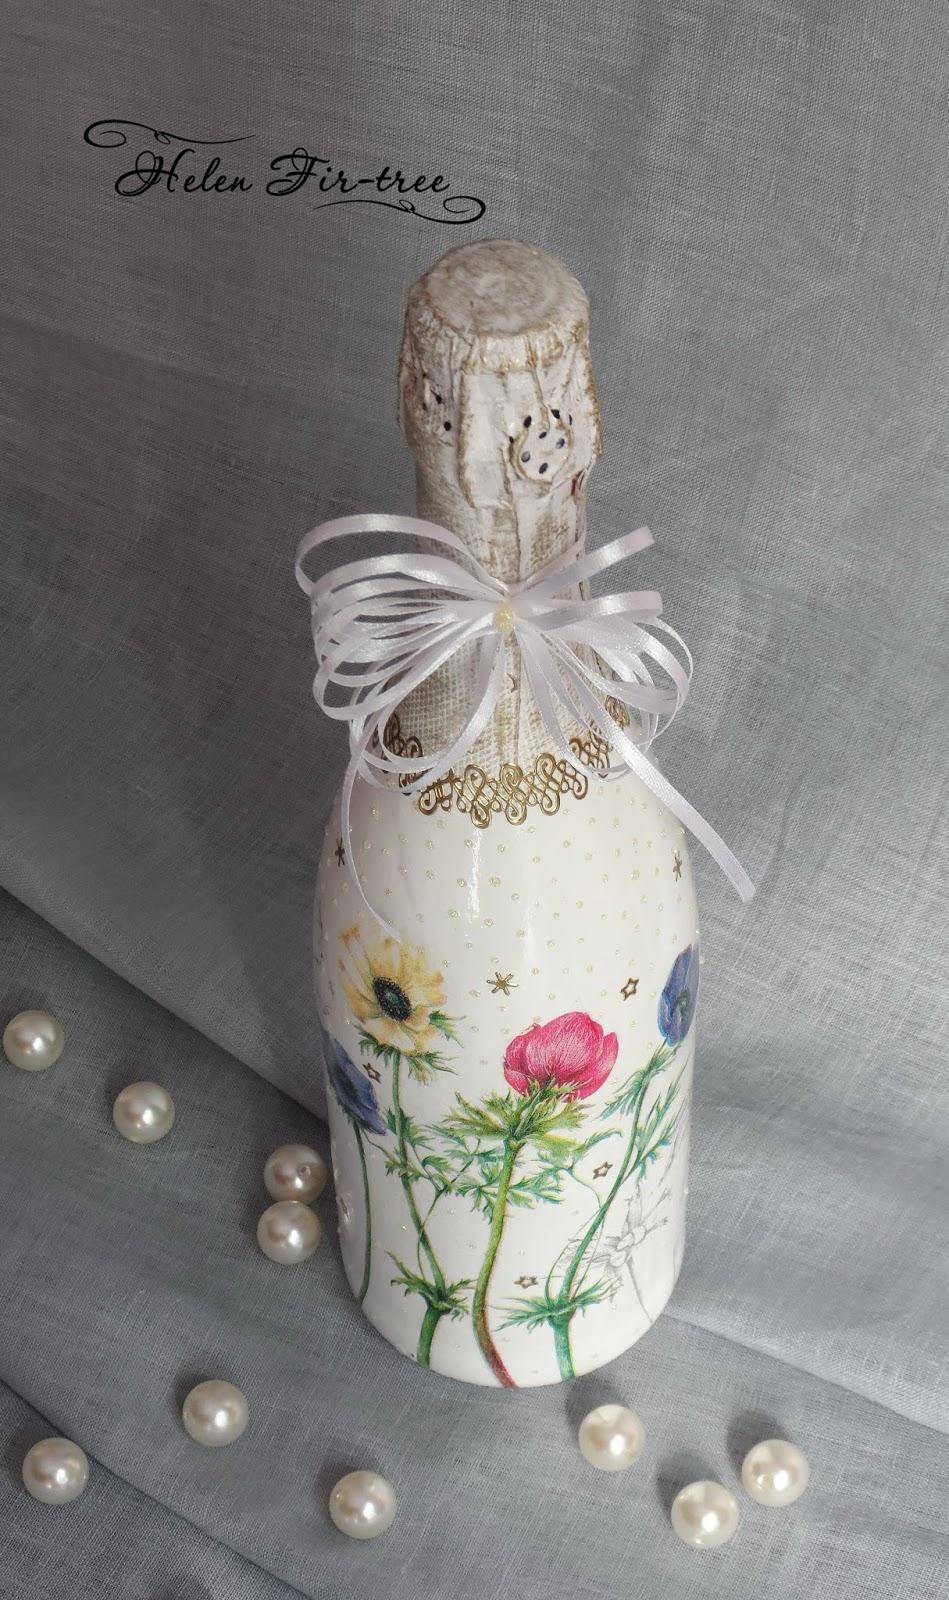 Helen Fir-tree декупаж бутылка шампанского decoupage a bottle of champagne